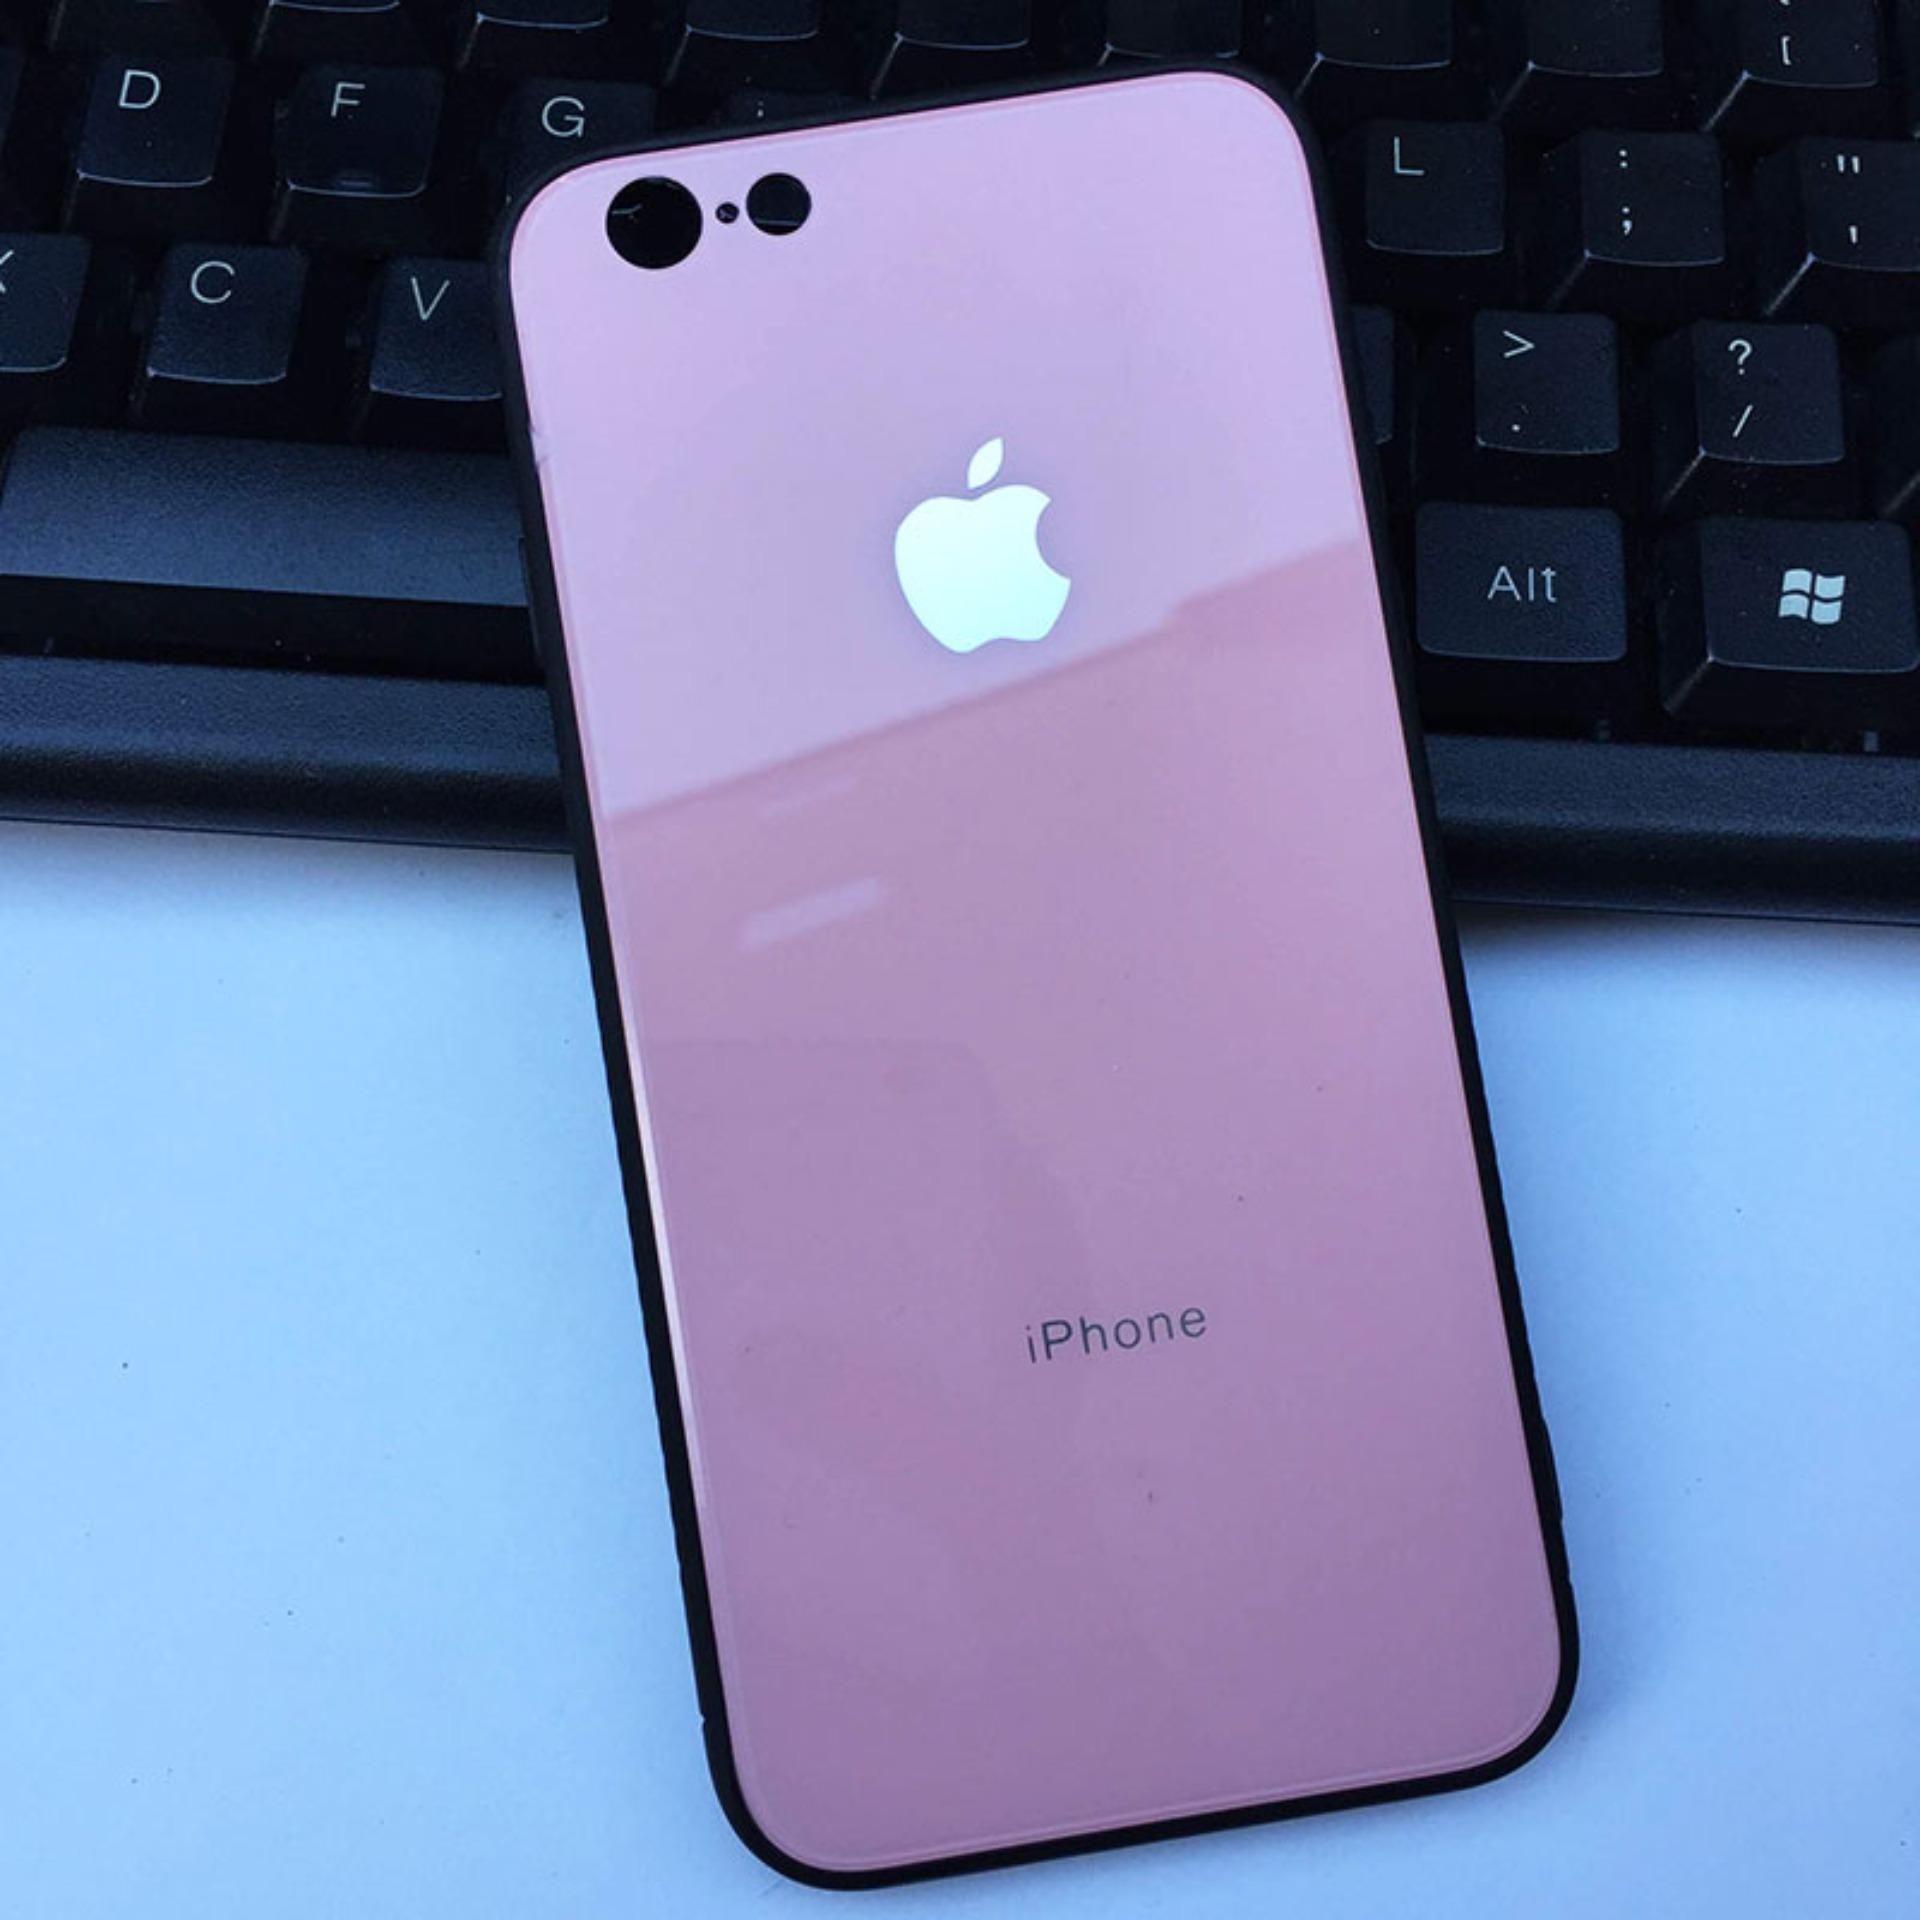 Hình ảnh Ốp lưng iPhone 6/6s giống lưng iphone 8 (cực chất)